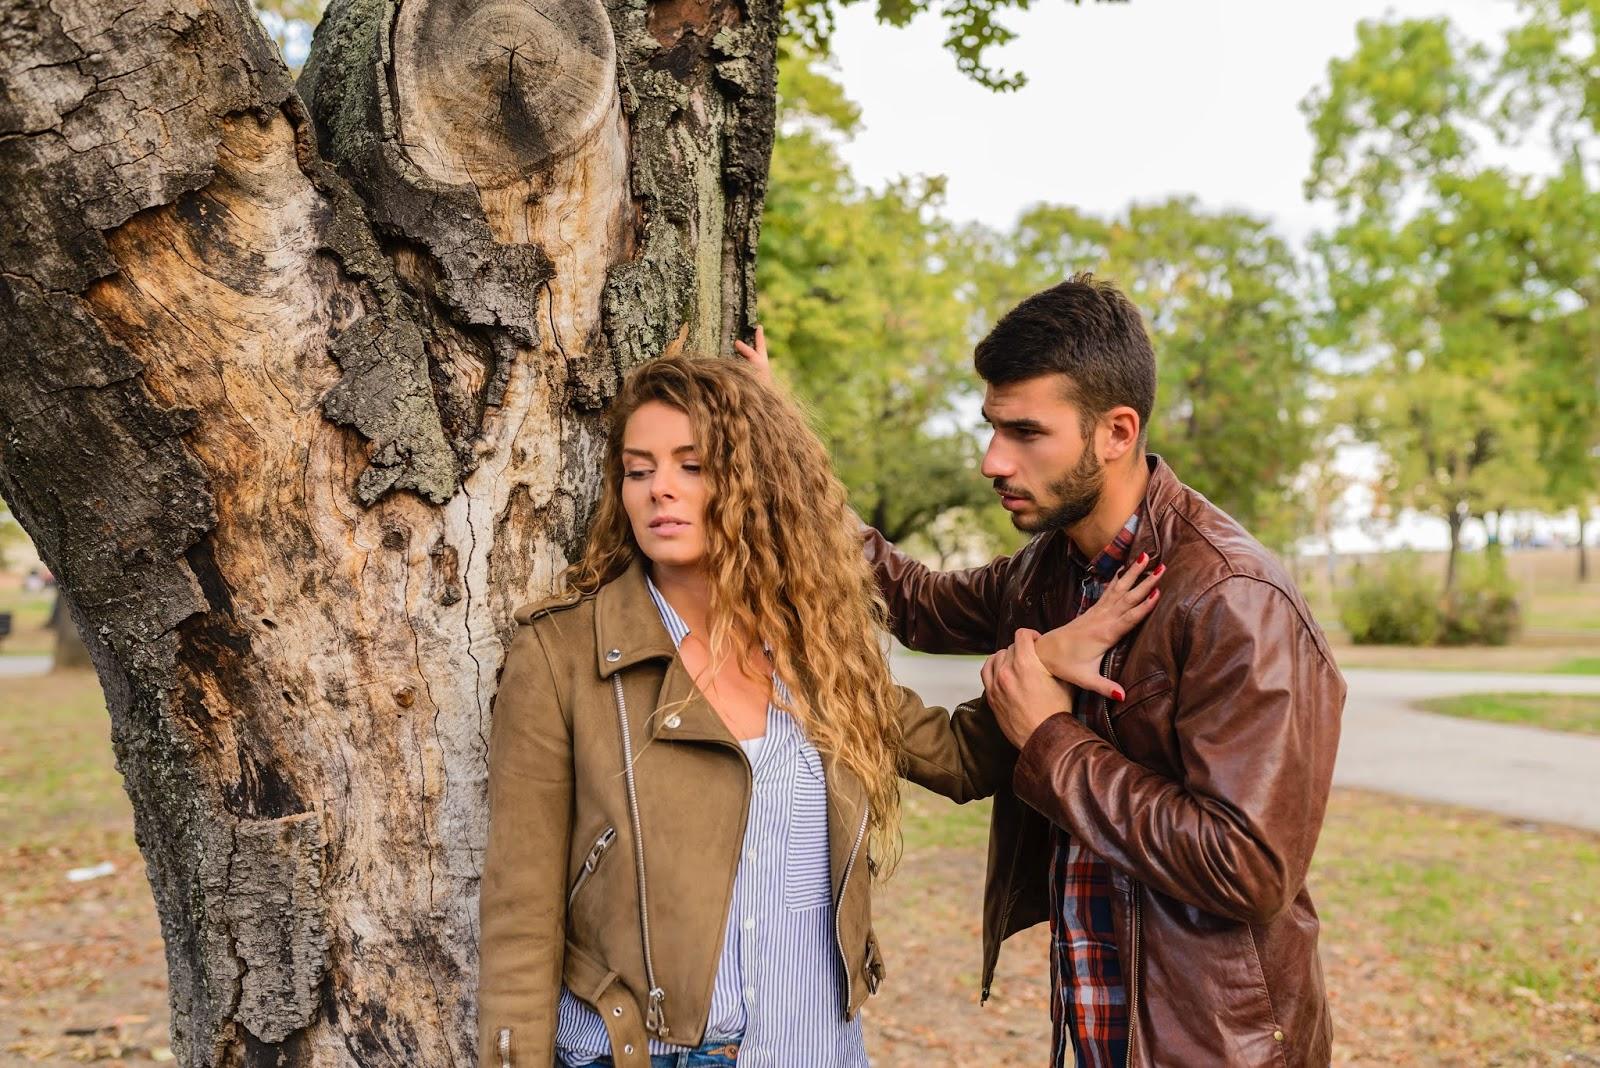 Cara Memutuskan Hubungan Dengan Baik